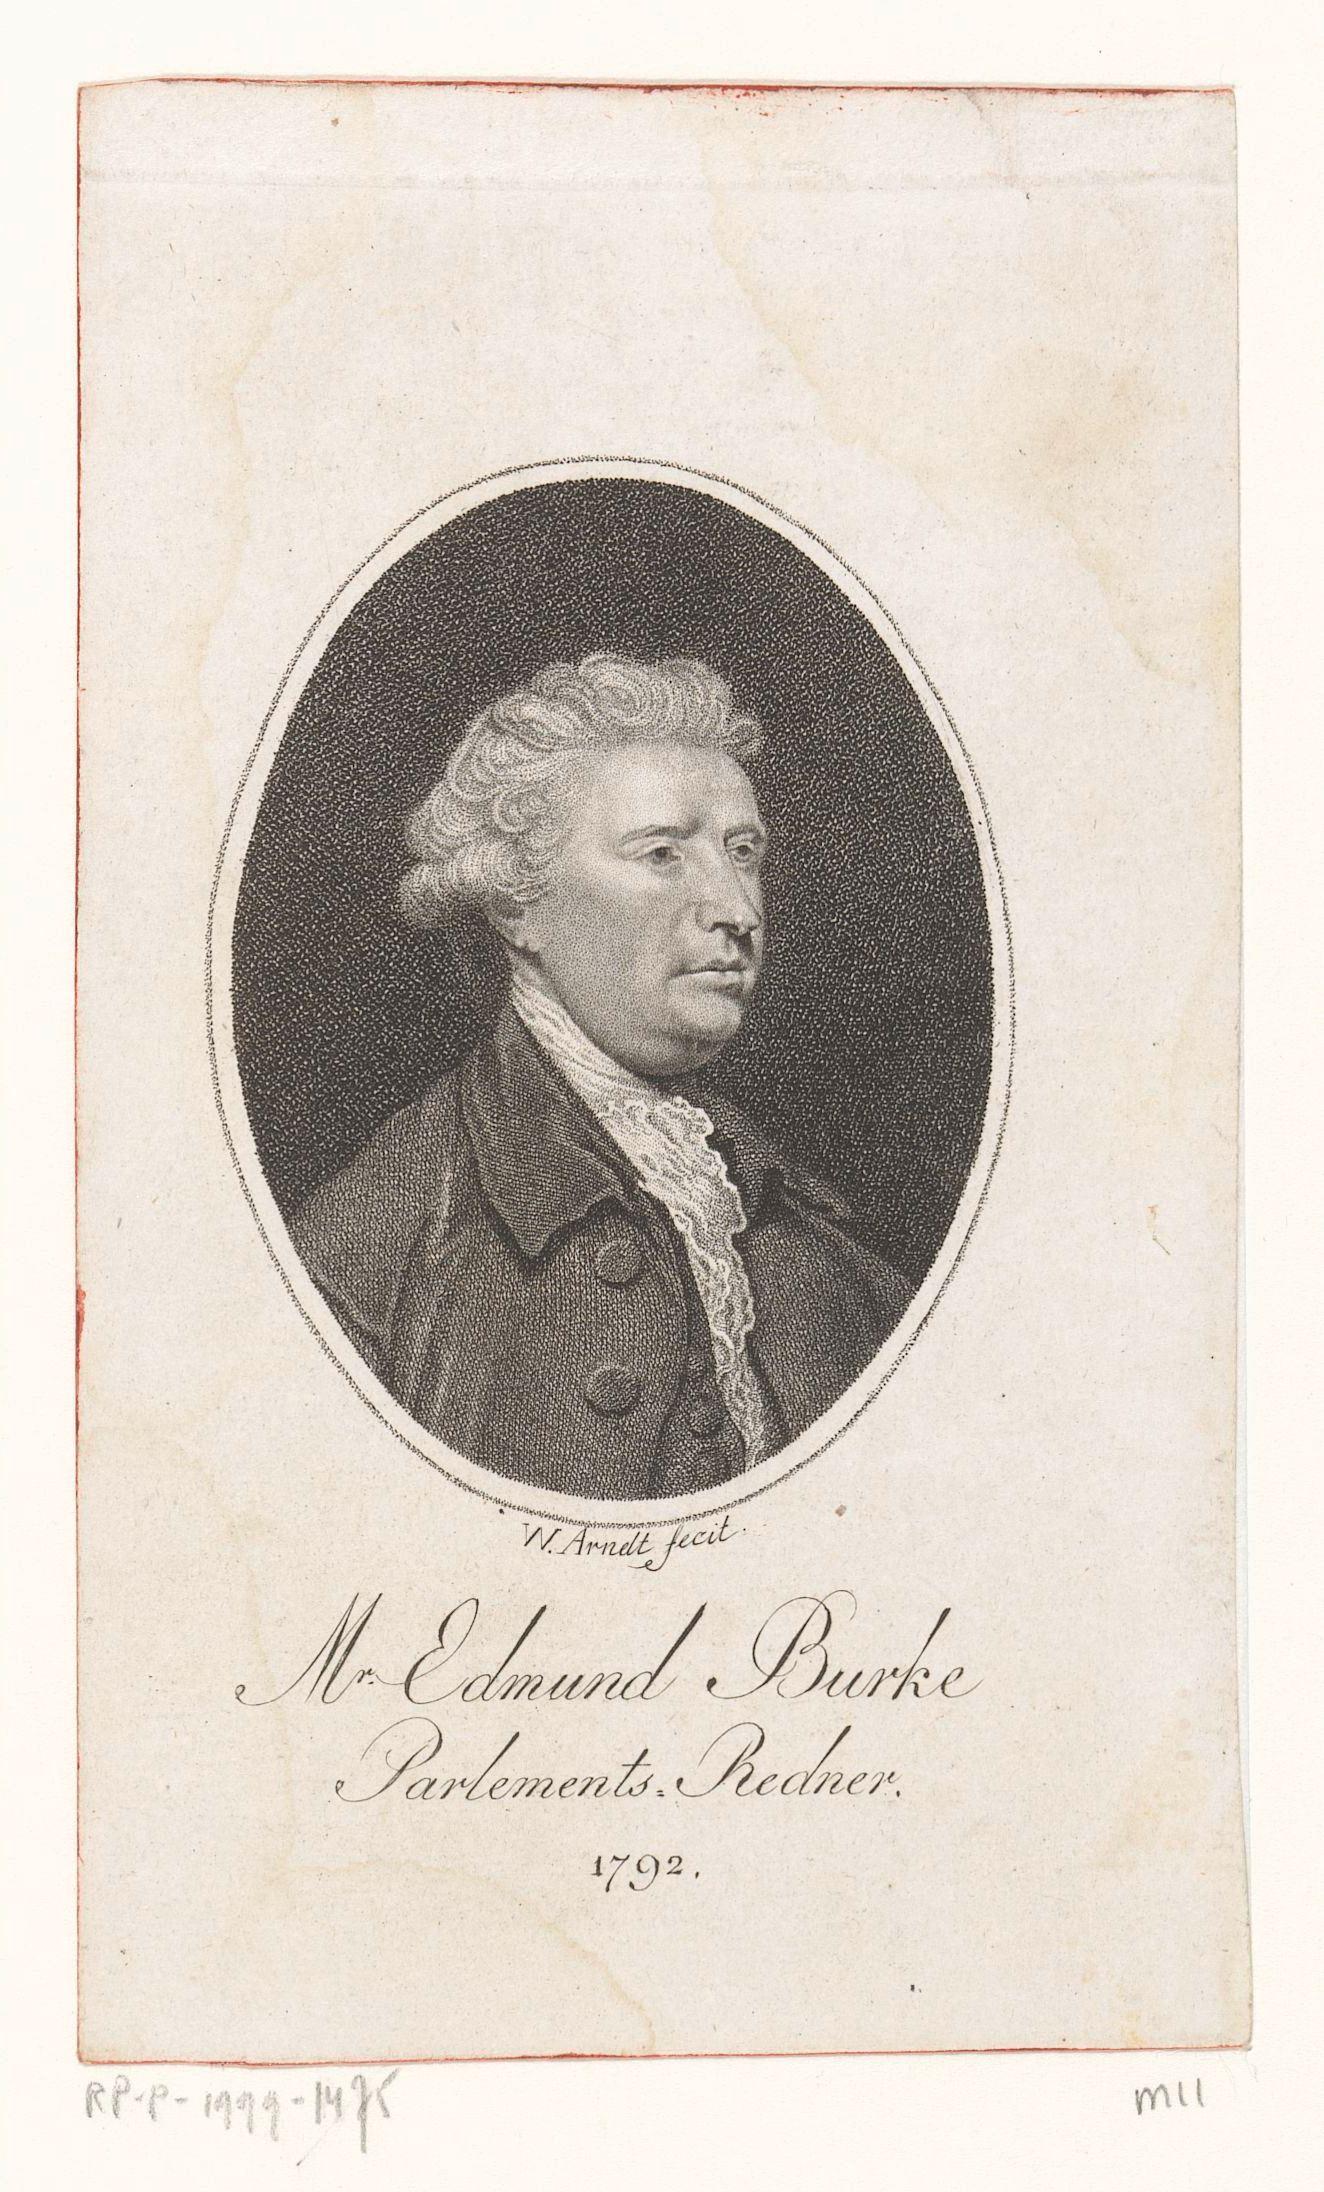 File:Portret van Edmund burke Mr. Edmund Burke Parlements Redner. (titel op object), RP-P-1999-1475.jpg